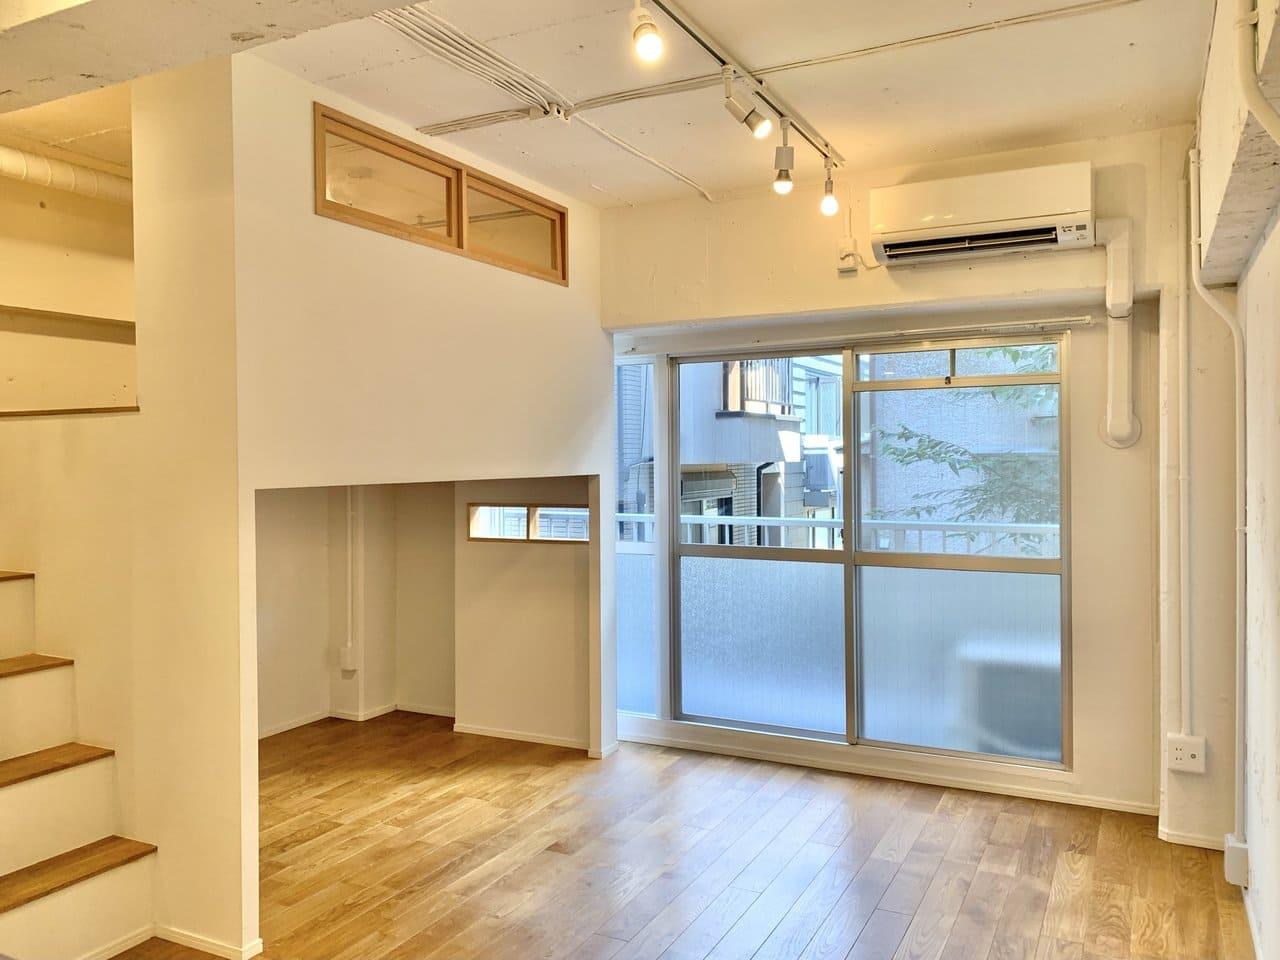 小窓付きのロフトが秘密基地のような雰囲気に。上下の空間を上手く使ってレイアウトしたいですね。